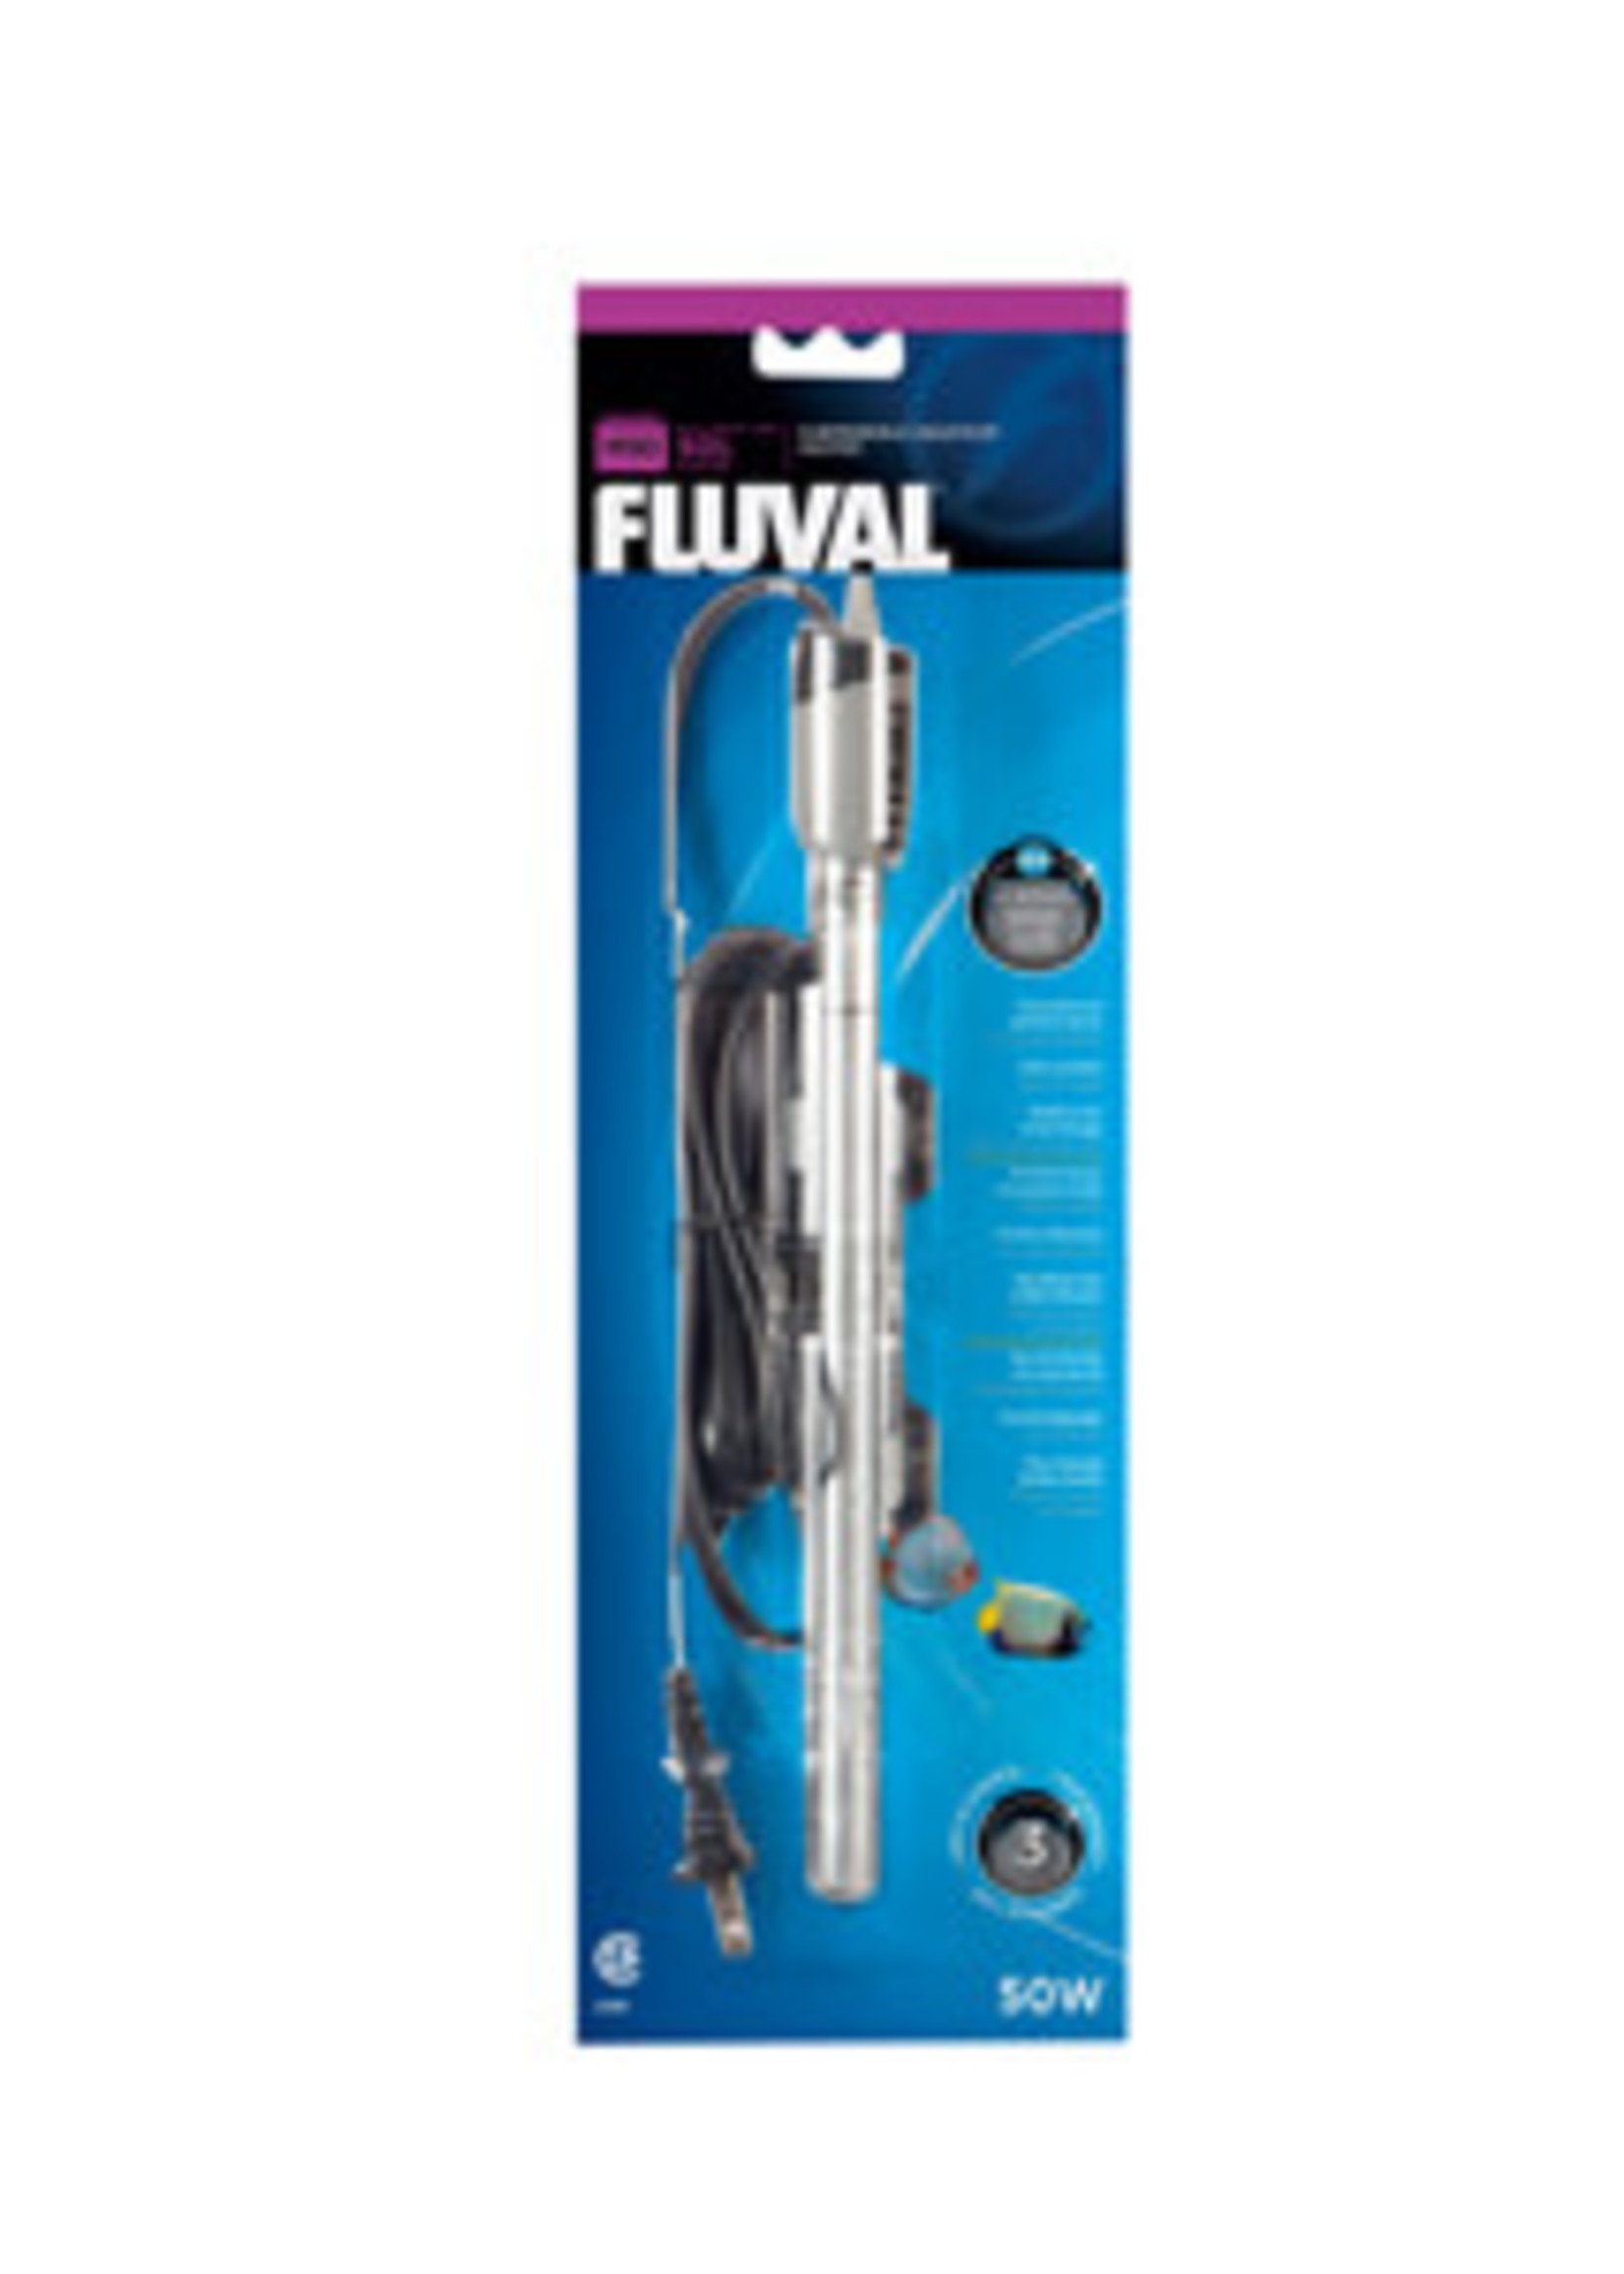 Fluval M50 Aquarium Heater, 50Watt-V